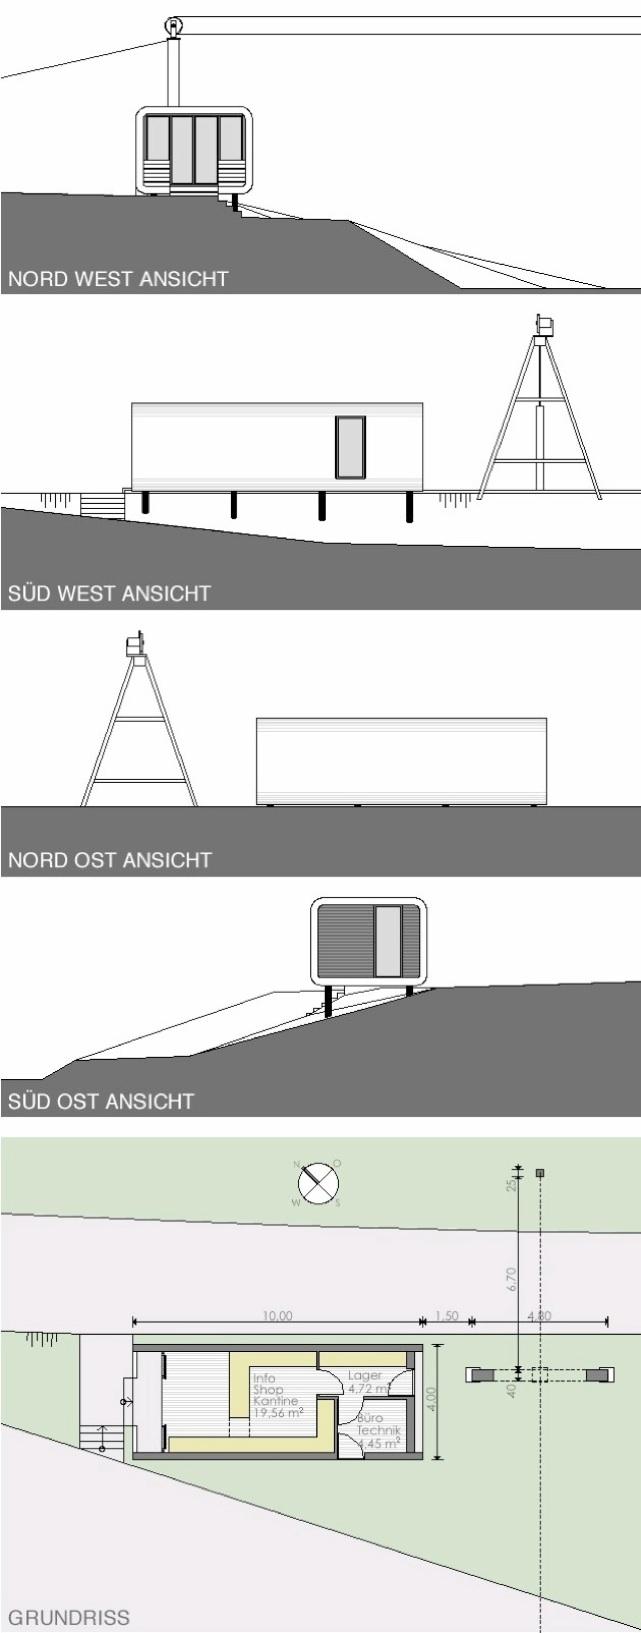 Fantastisch Beispielhochzeits Sitzplatz Diagramm Fotos - FORTSETZUNG ...